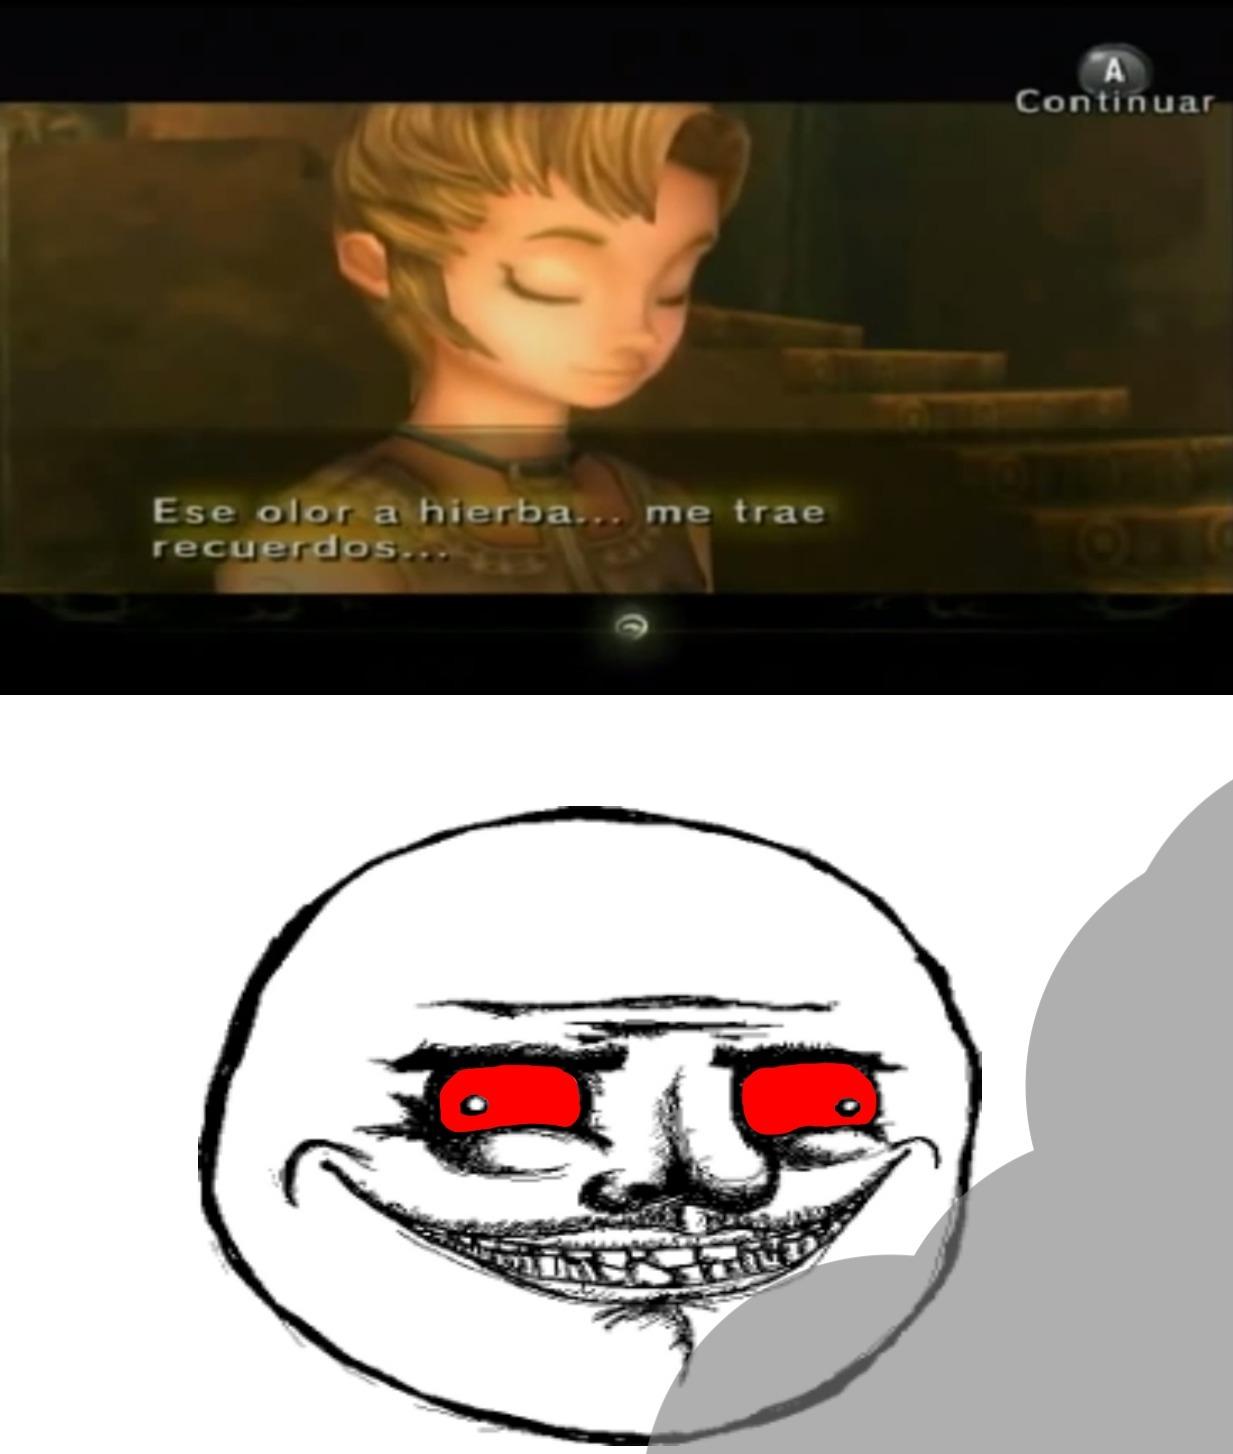 Ese olorcillo... - meme